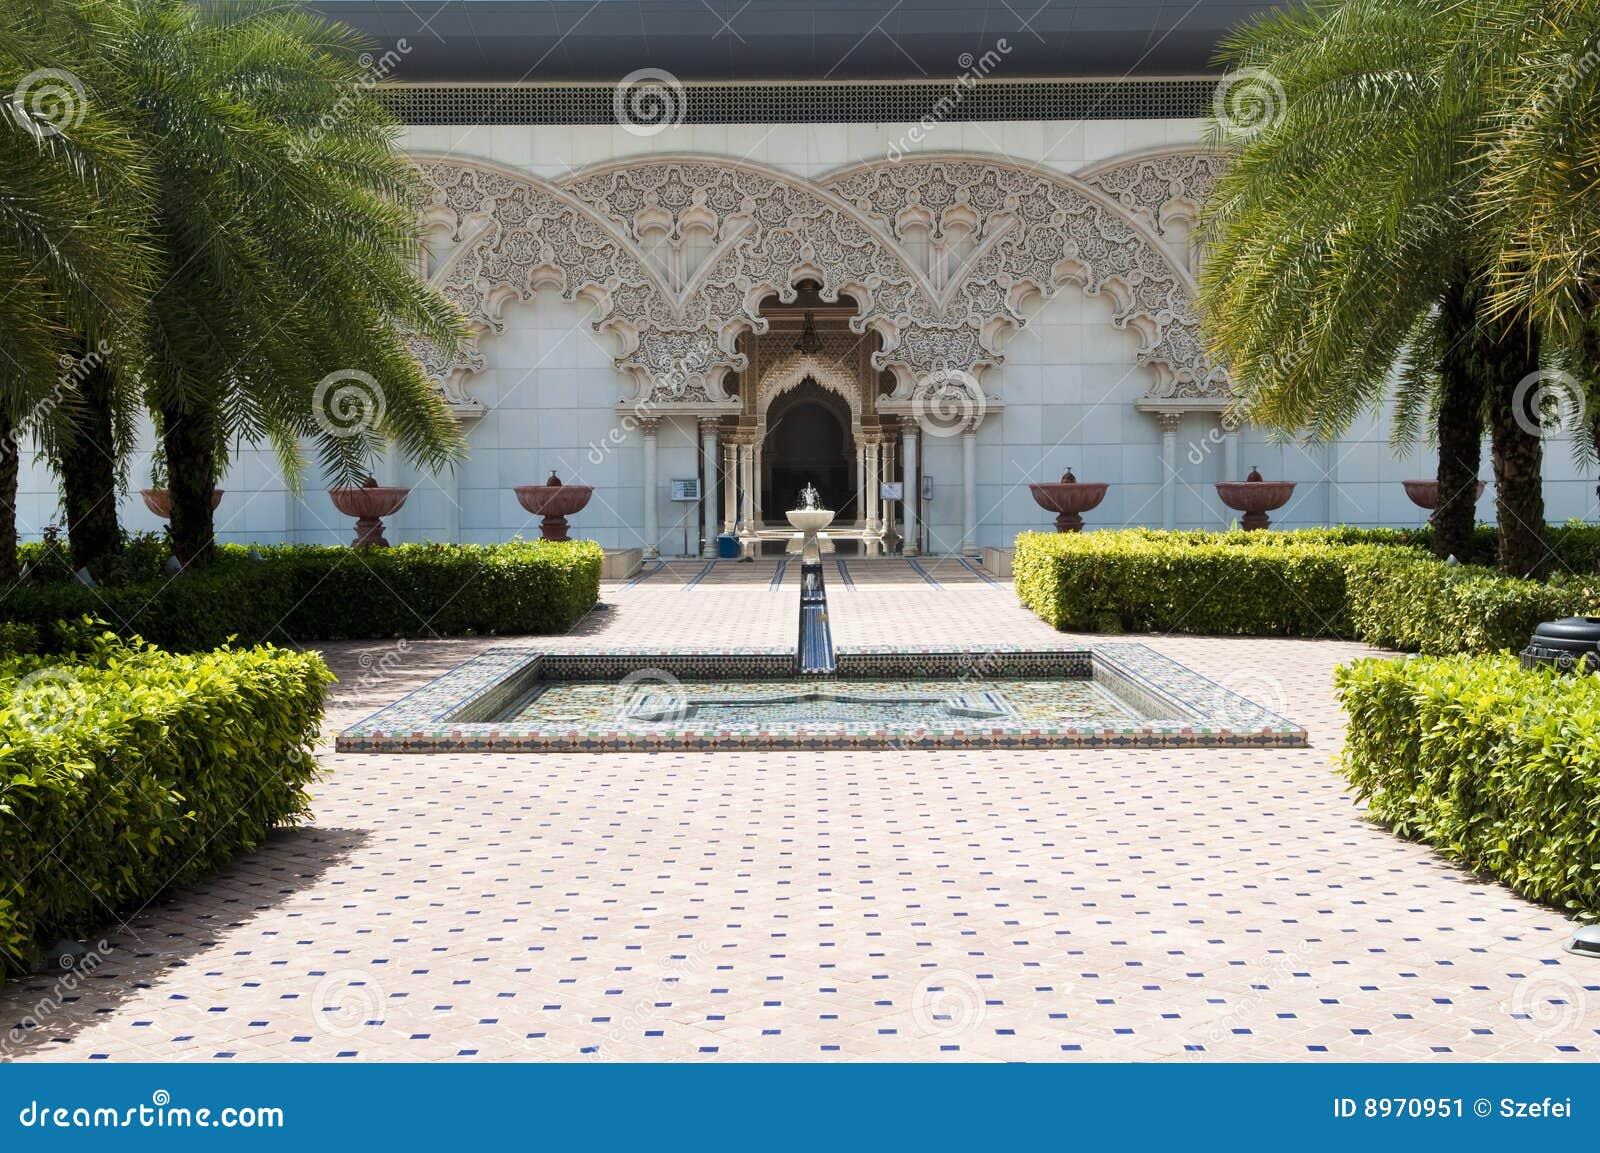 Marokkanische architektur innerer garten stockbild bild for Architektur garten